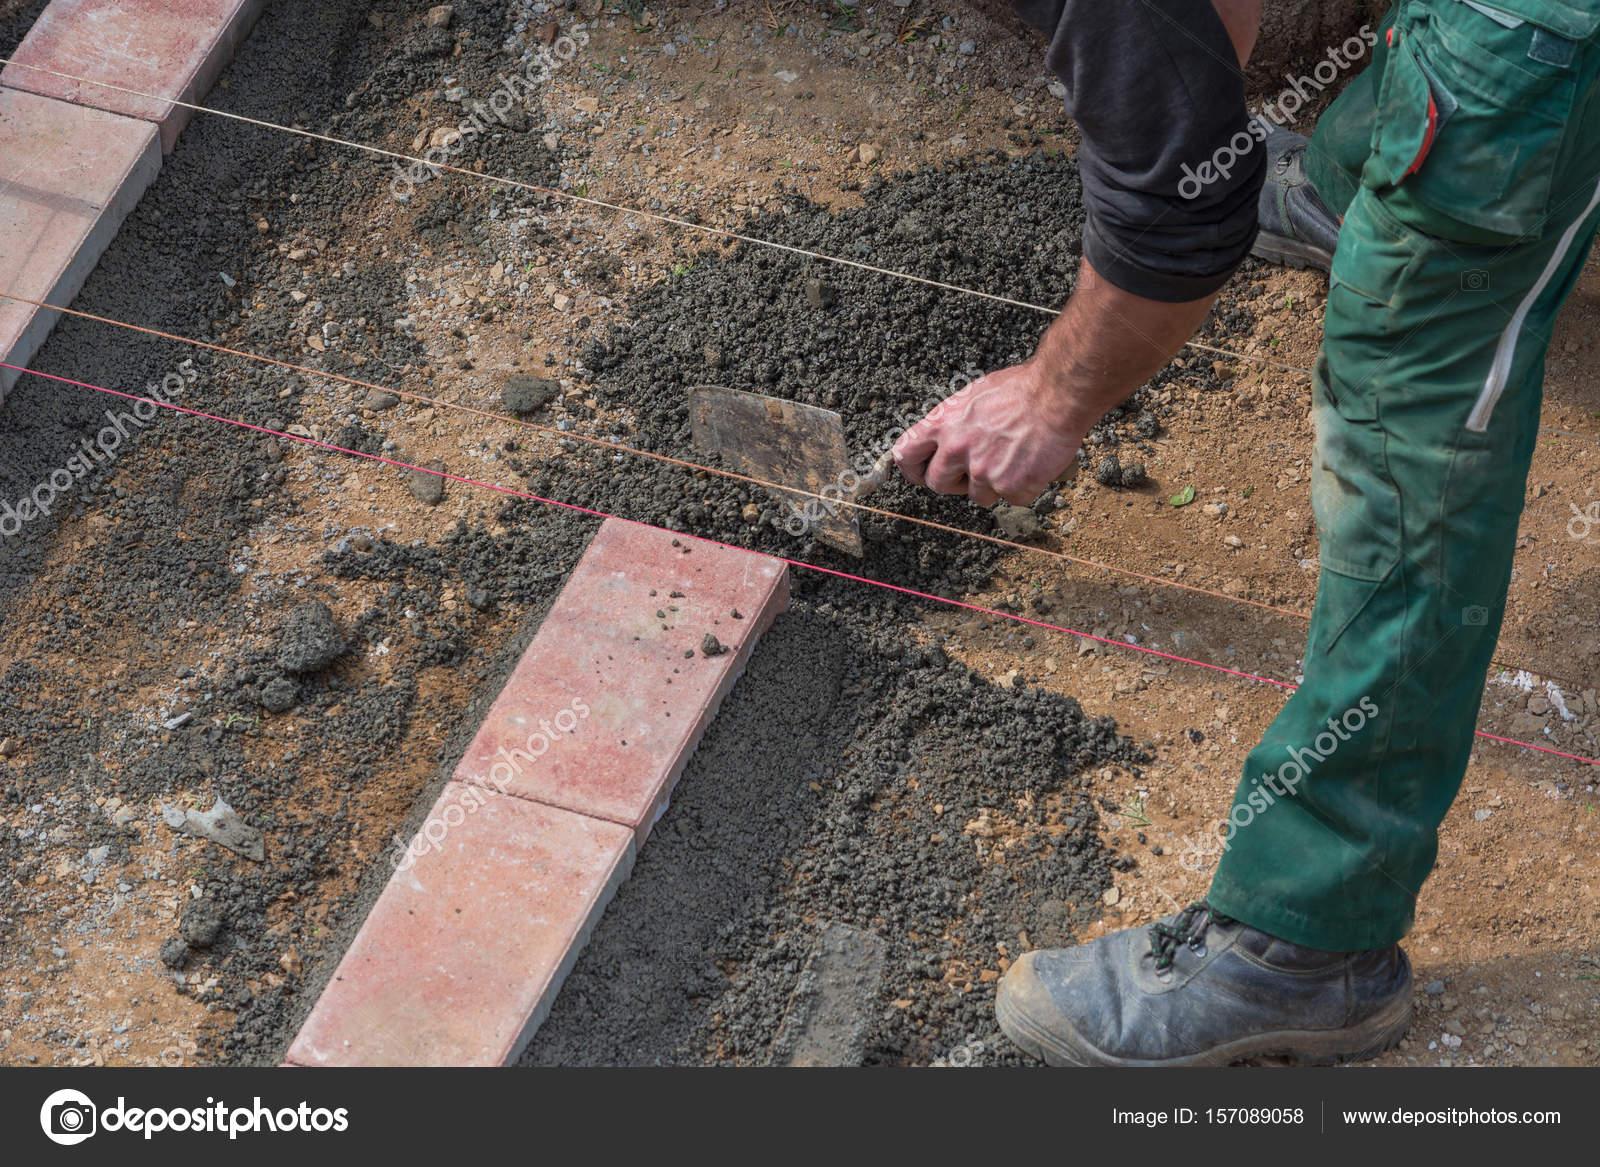 mann ist pflastersteine verlegen. — stockfoto © nikd51 #157089058